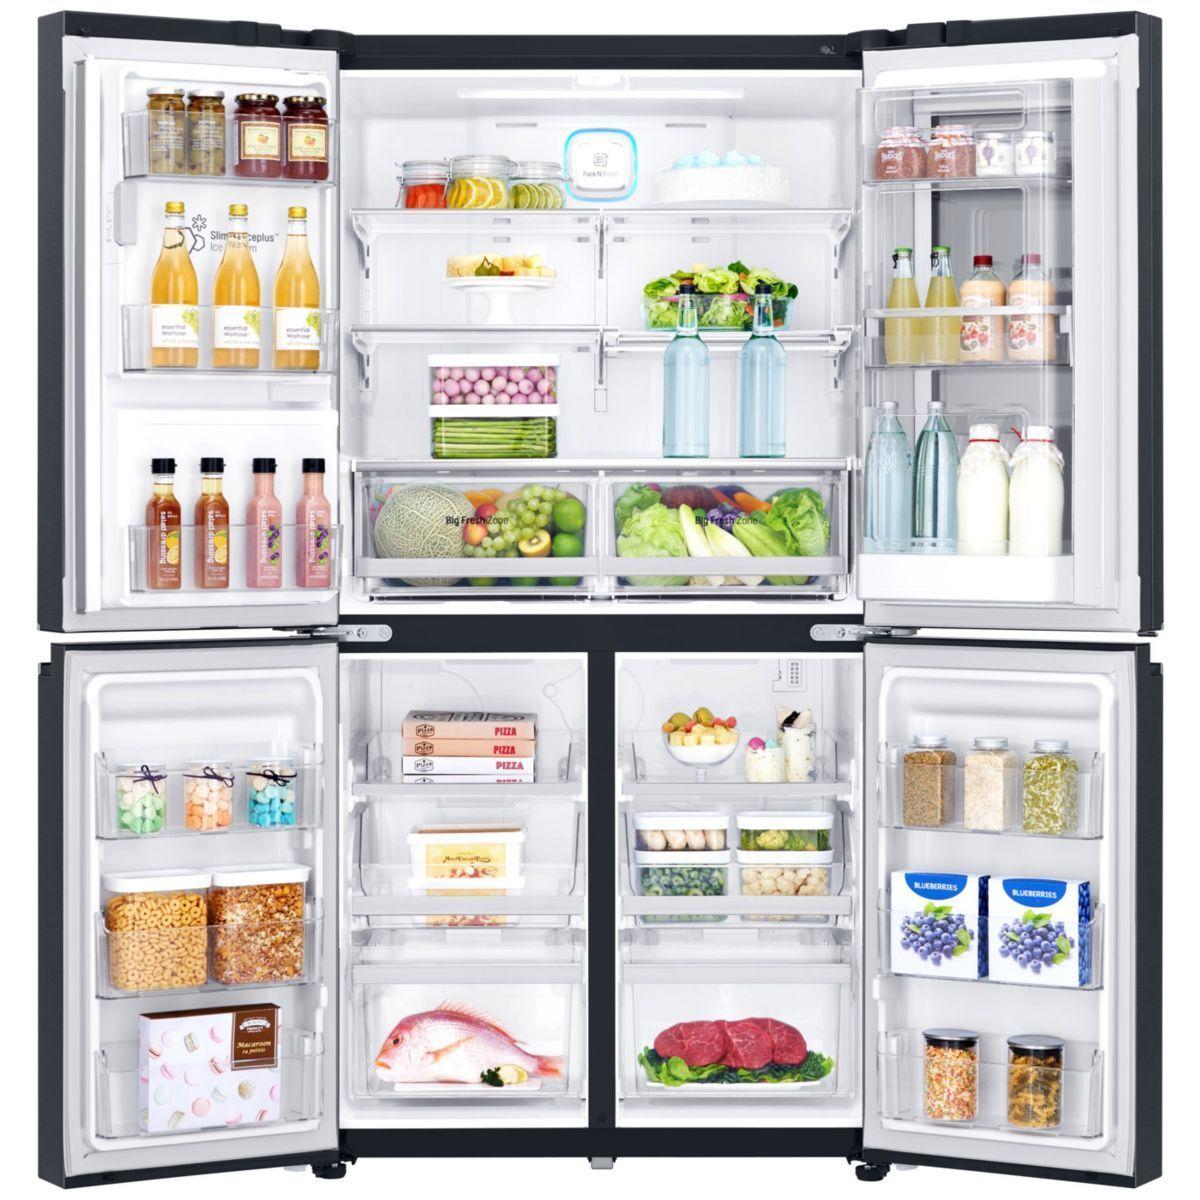 Refrigerateur Americain Faible Largeur réfrigérateur multi-portes gmk9331mt - taille : taille